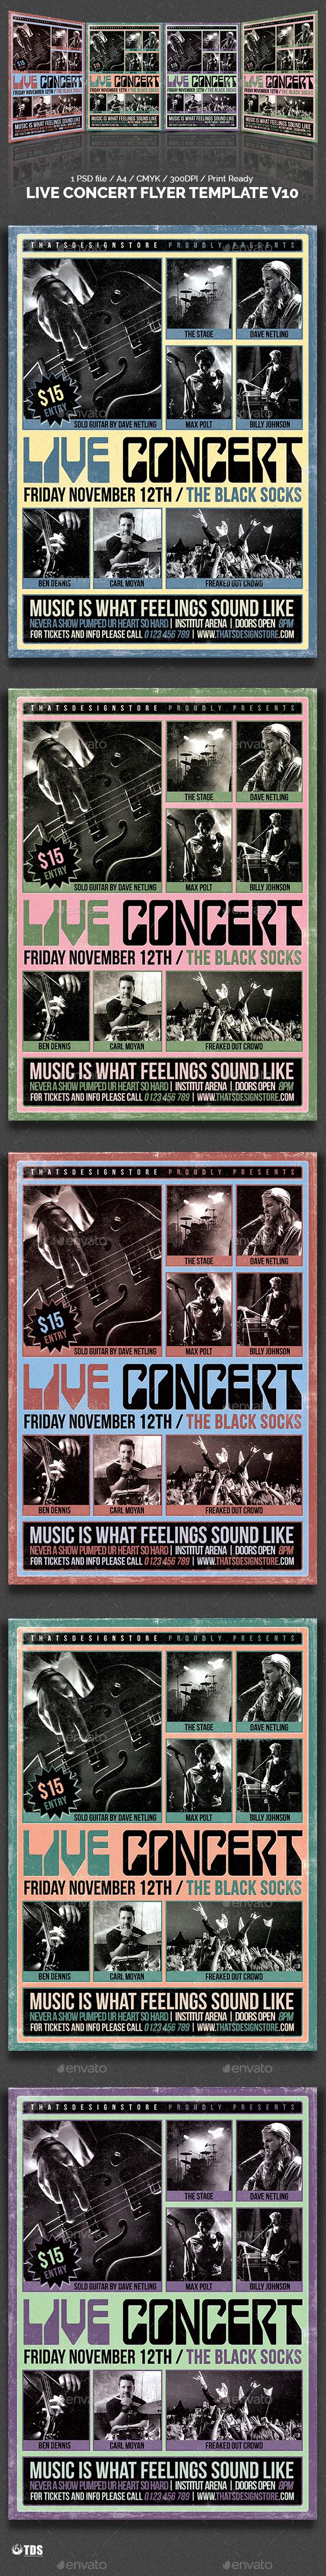 Live Concert Flyer Template V10